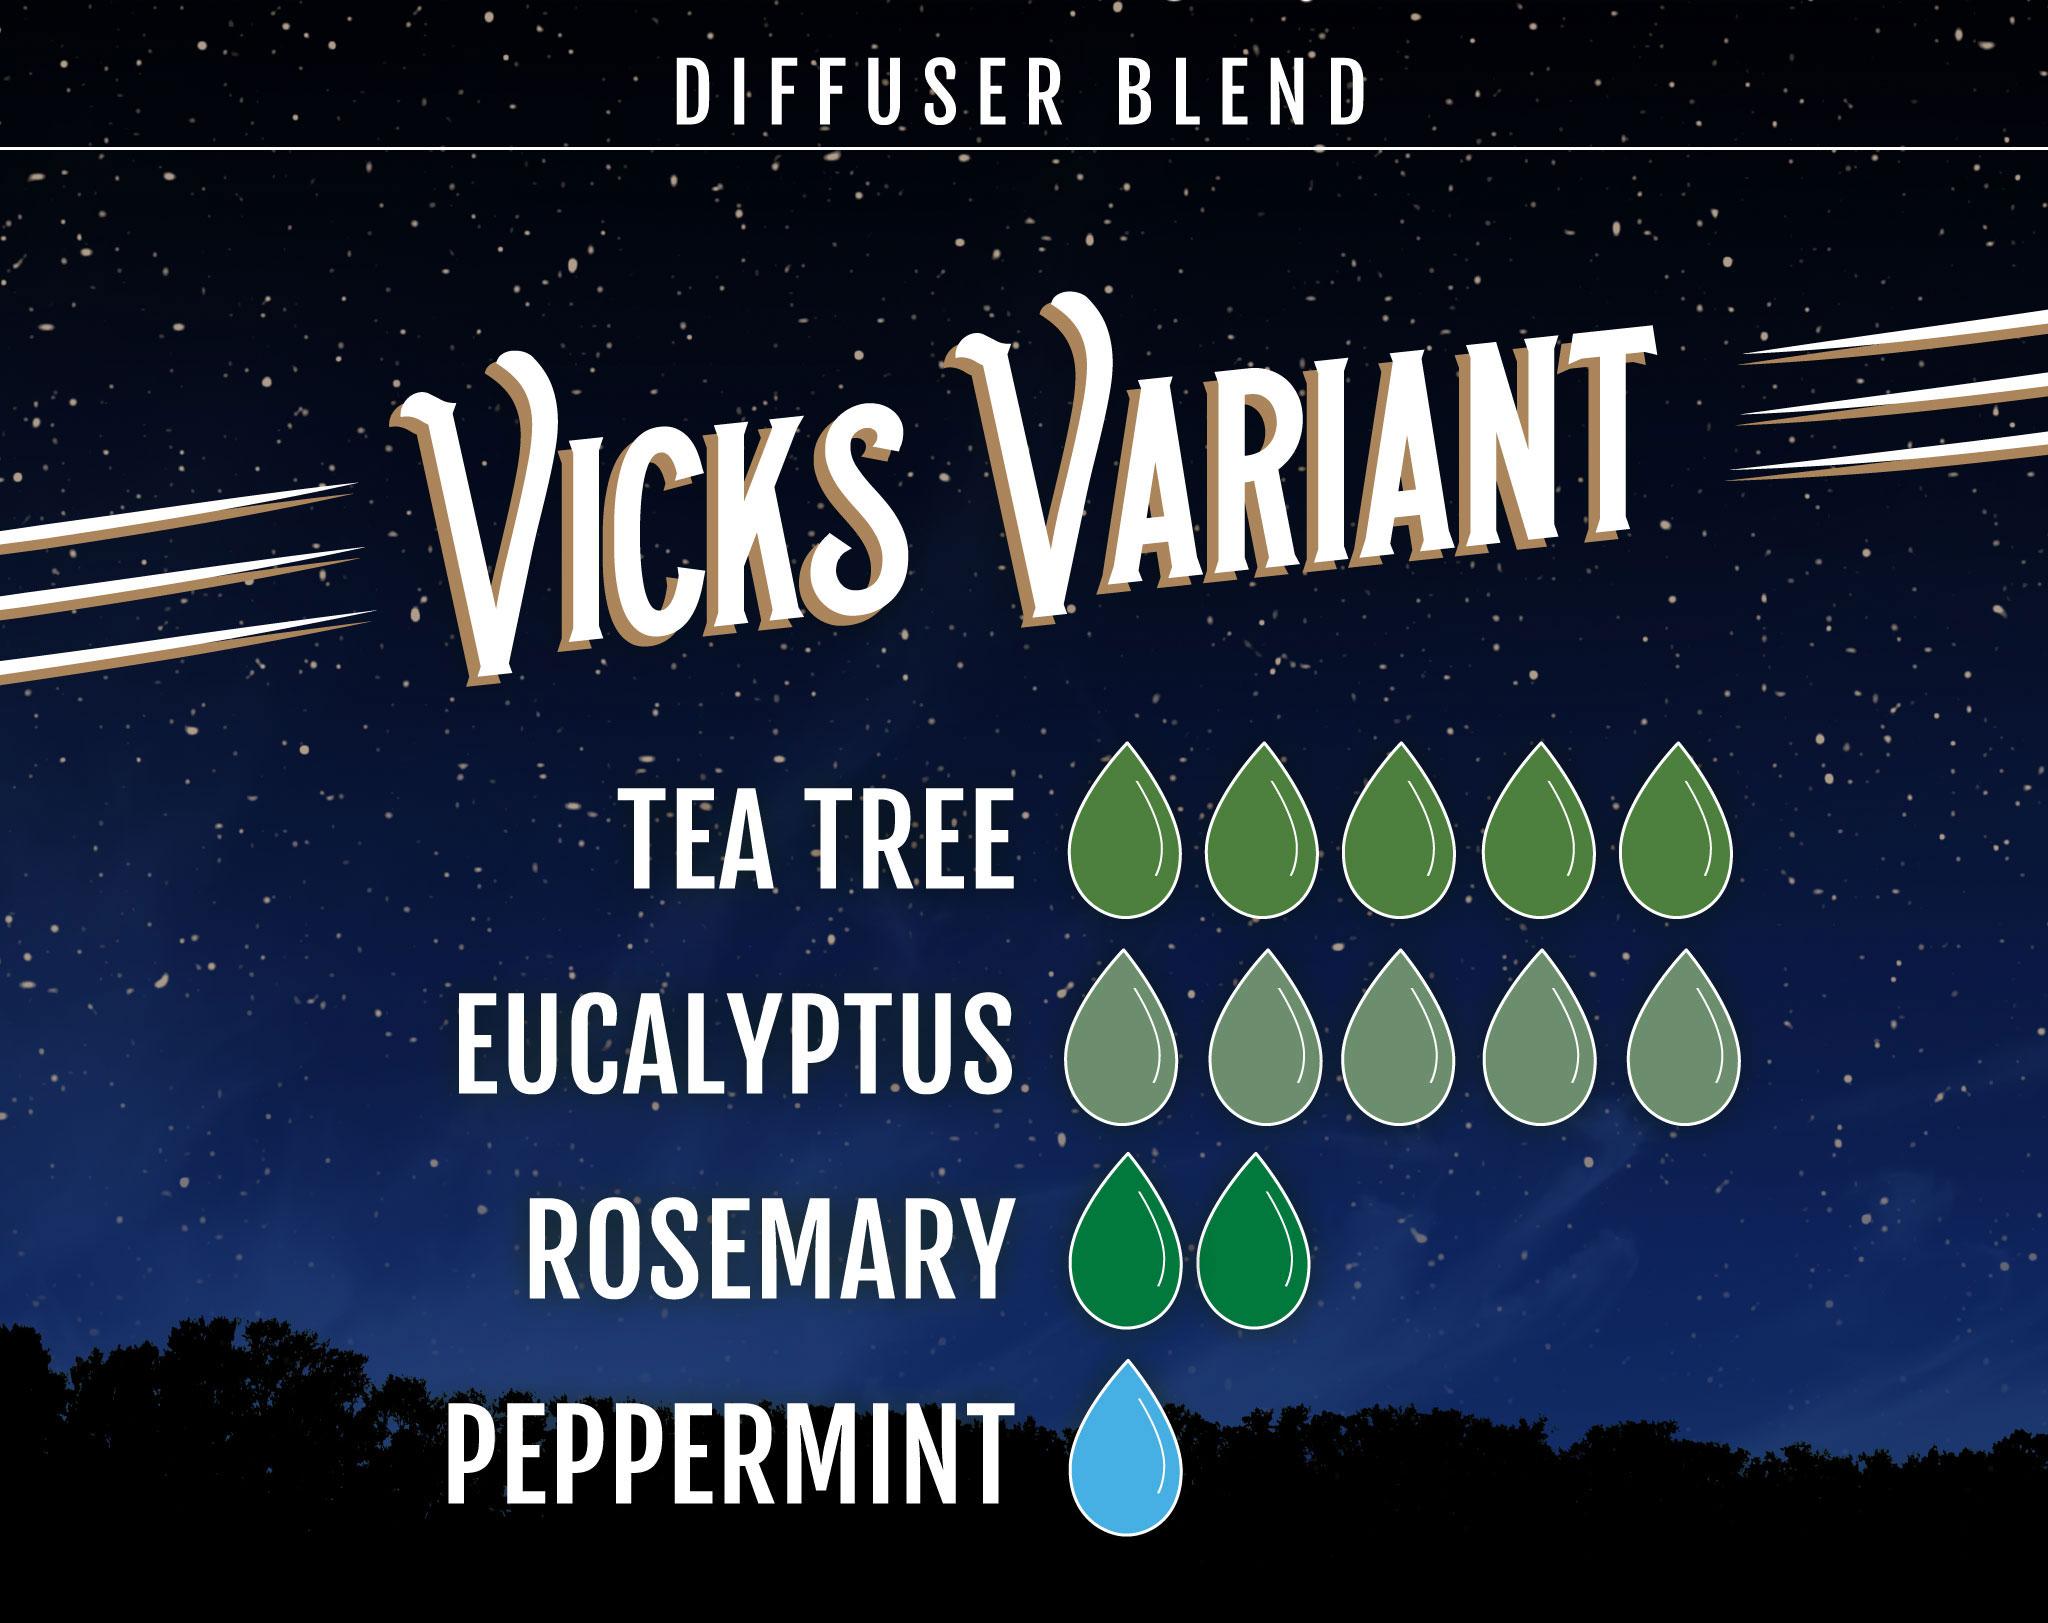 tea Tree Essential Oil Diffuser Blend Vicks Variant - 5 drops Tea Tree 5 drops Eucalyptus 2 drops Rosemary 1 drop Peppermint